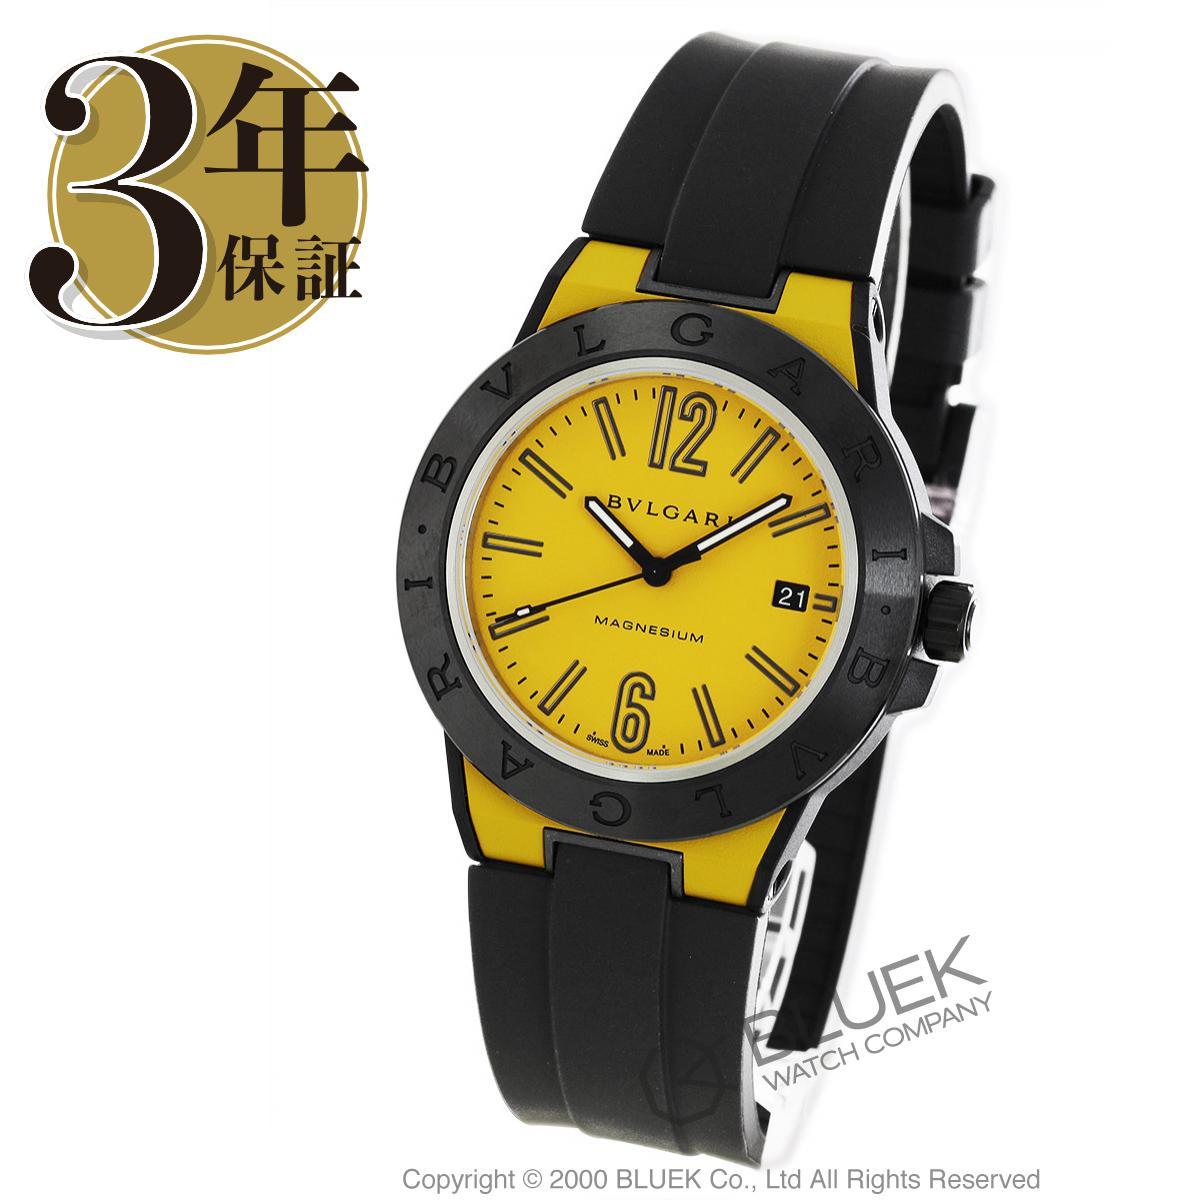 ブルガリ ディアゴノ マグネシウム 腕時計 メンズ BVLGARI DG41C10SMCVD_8